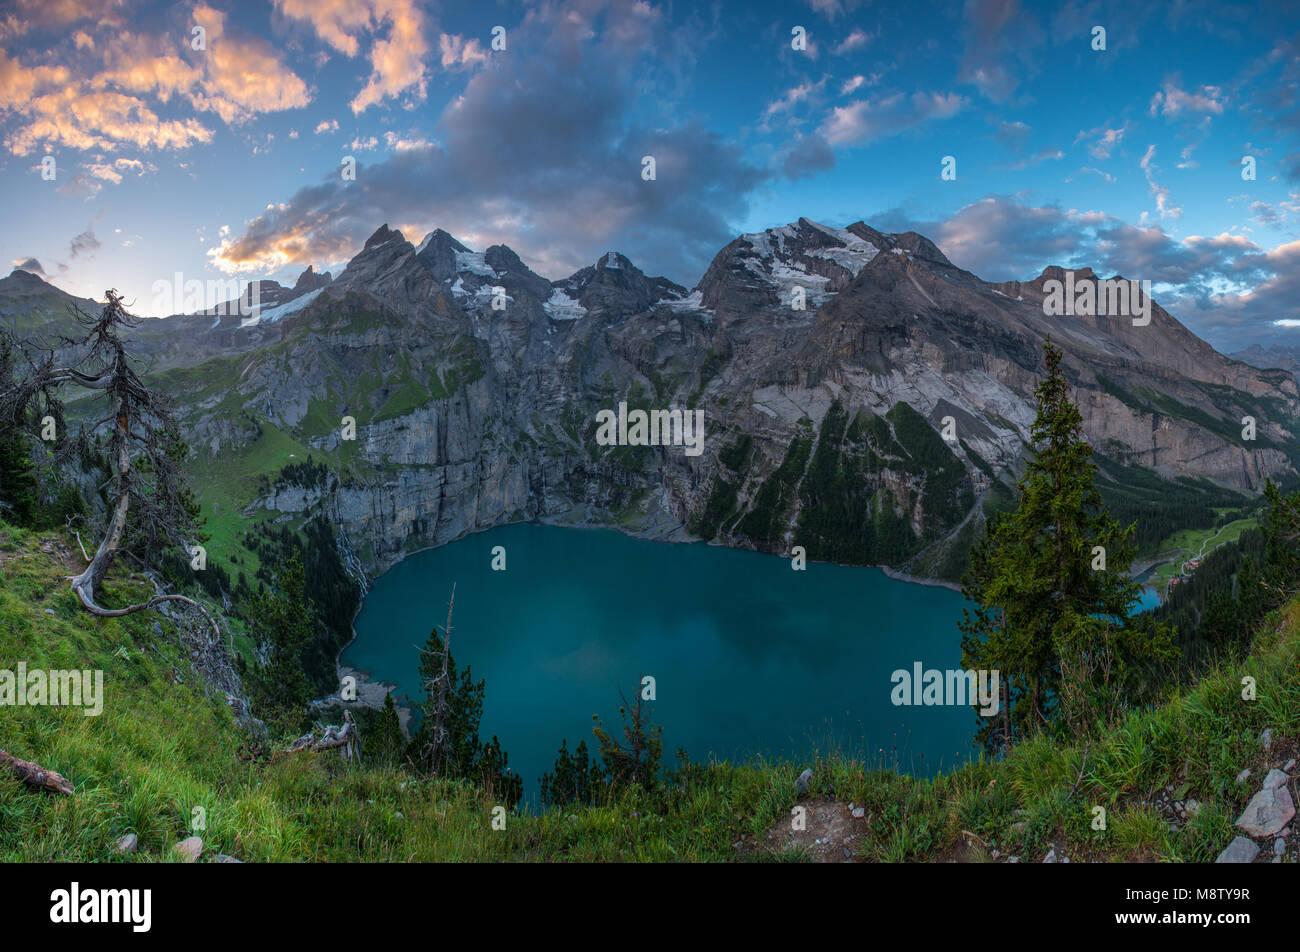 Oeschinen lake magnifique au lever du soleil, le cirque de montagnes qui entourent l'alpine tarn. Peint en couleur, Photo Stock